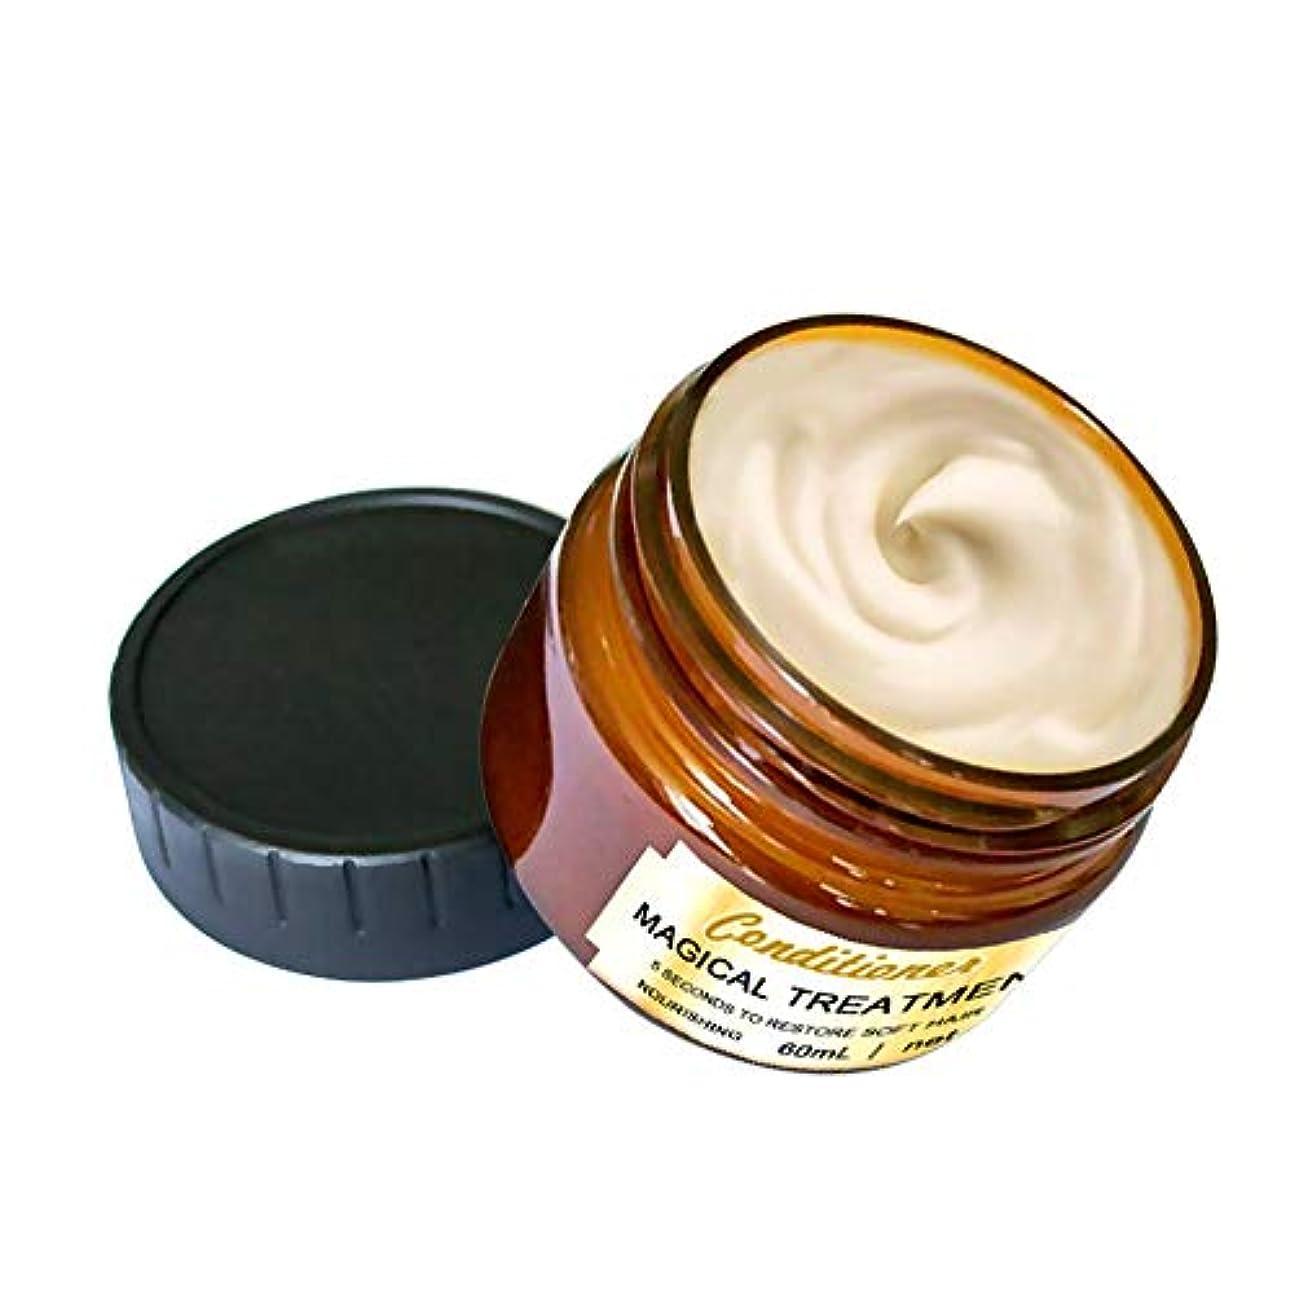 死の顎無関心二度コンディショナー ヘアケアコンディショナー ヘアデトキシファイングヘアマスク 高度な分子 毛根治療の回復 乾燥または損傷した髪と頭皮の治療のための髪の滑らかなしなやか (A 60 ml)